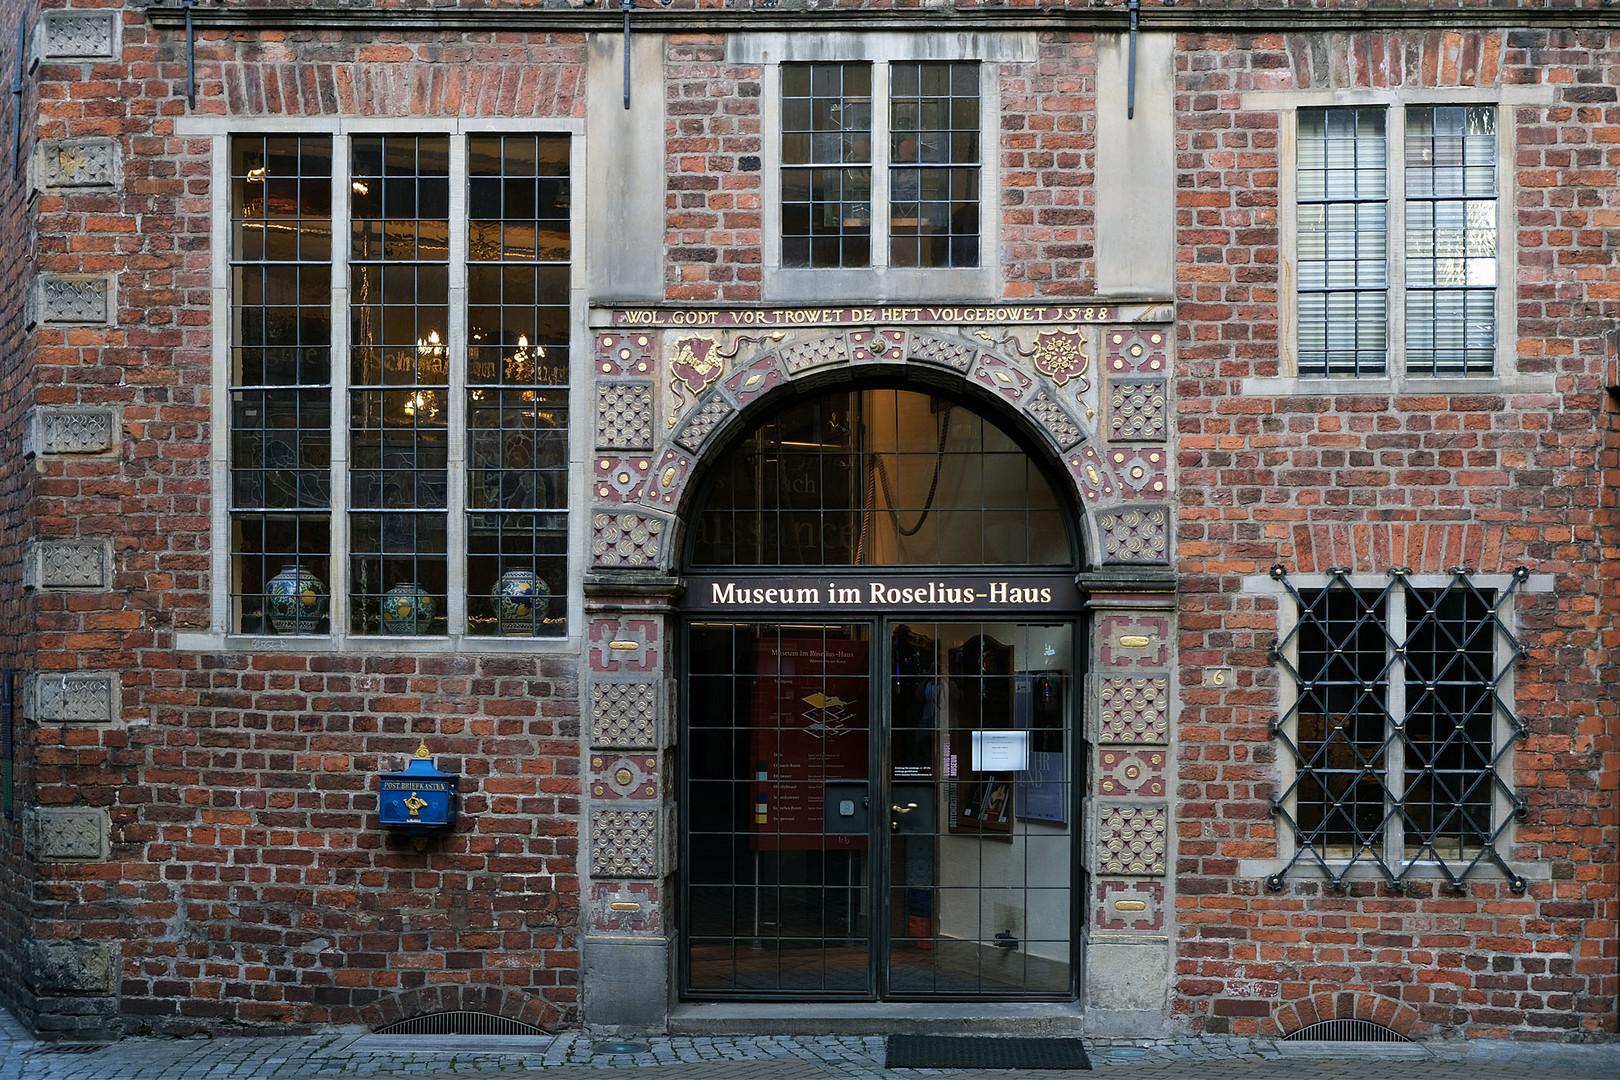 Museum im Roselius-Haus